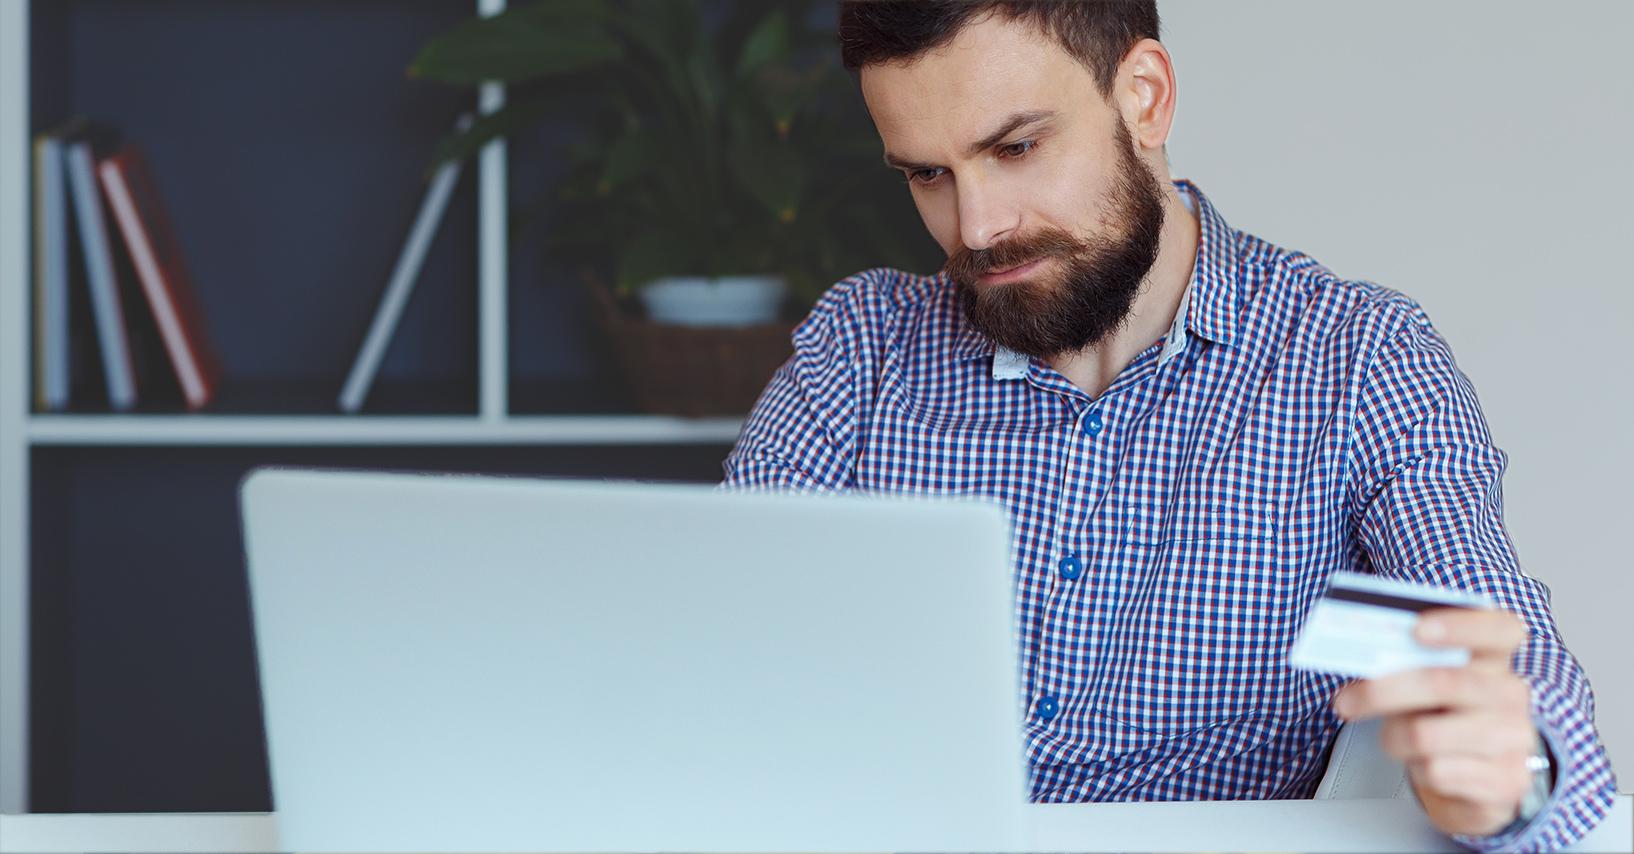 Hver tredje e-handel risikerer at blive afvist